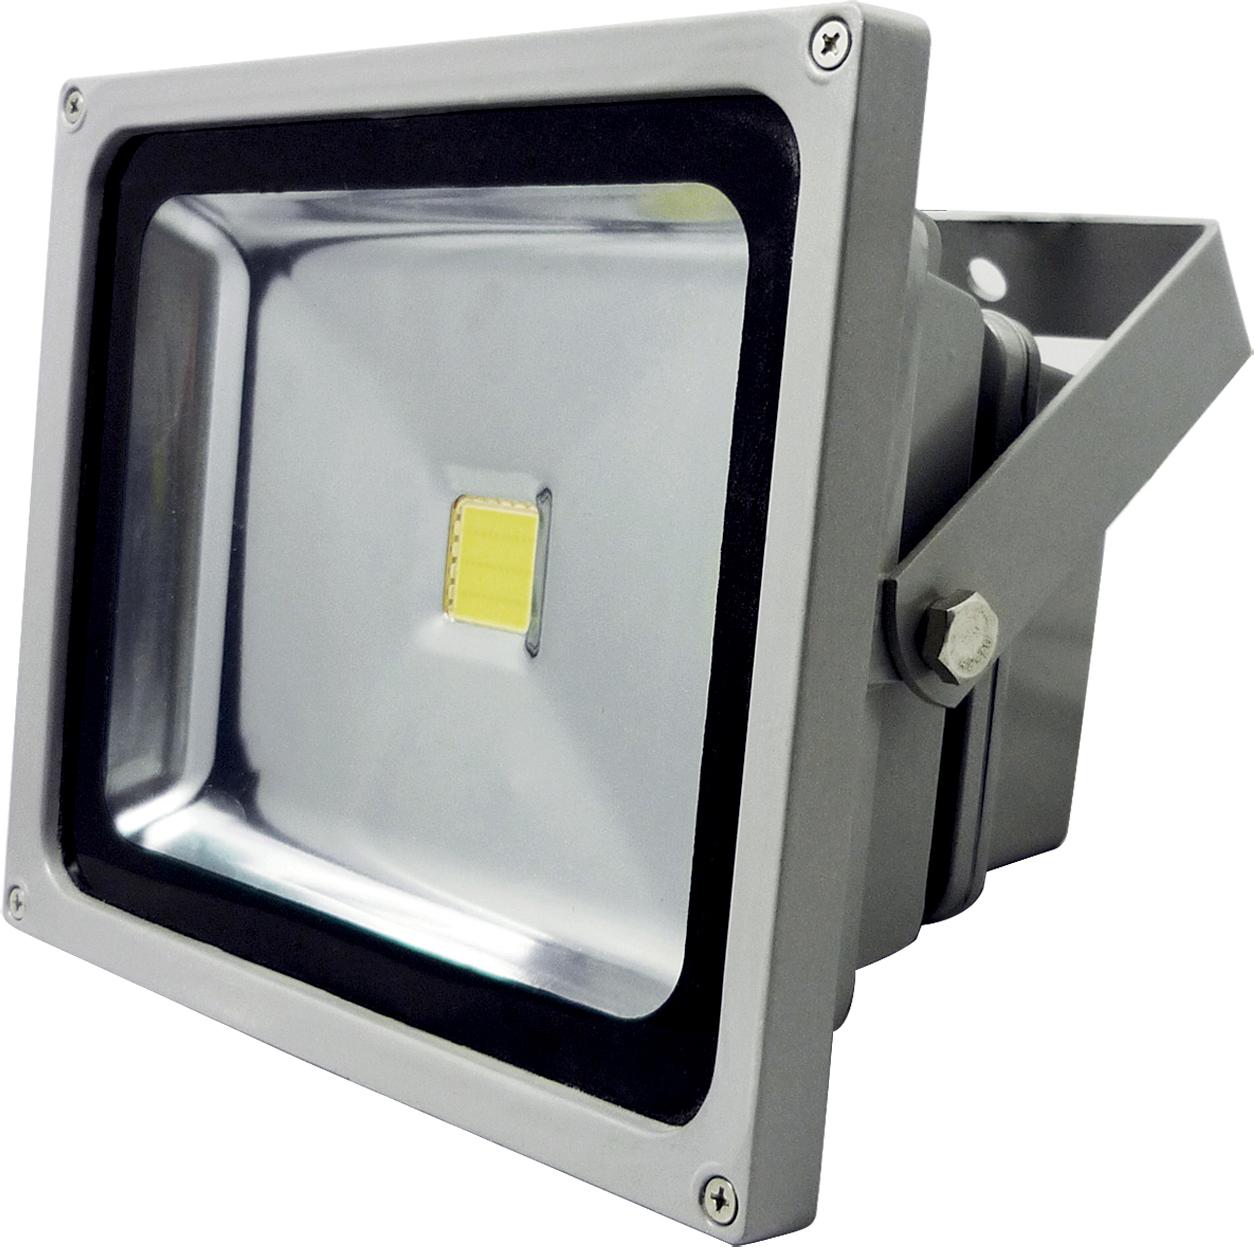 RETLUX RLL 130 LED FL reflektor 30W